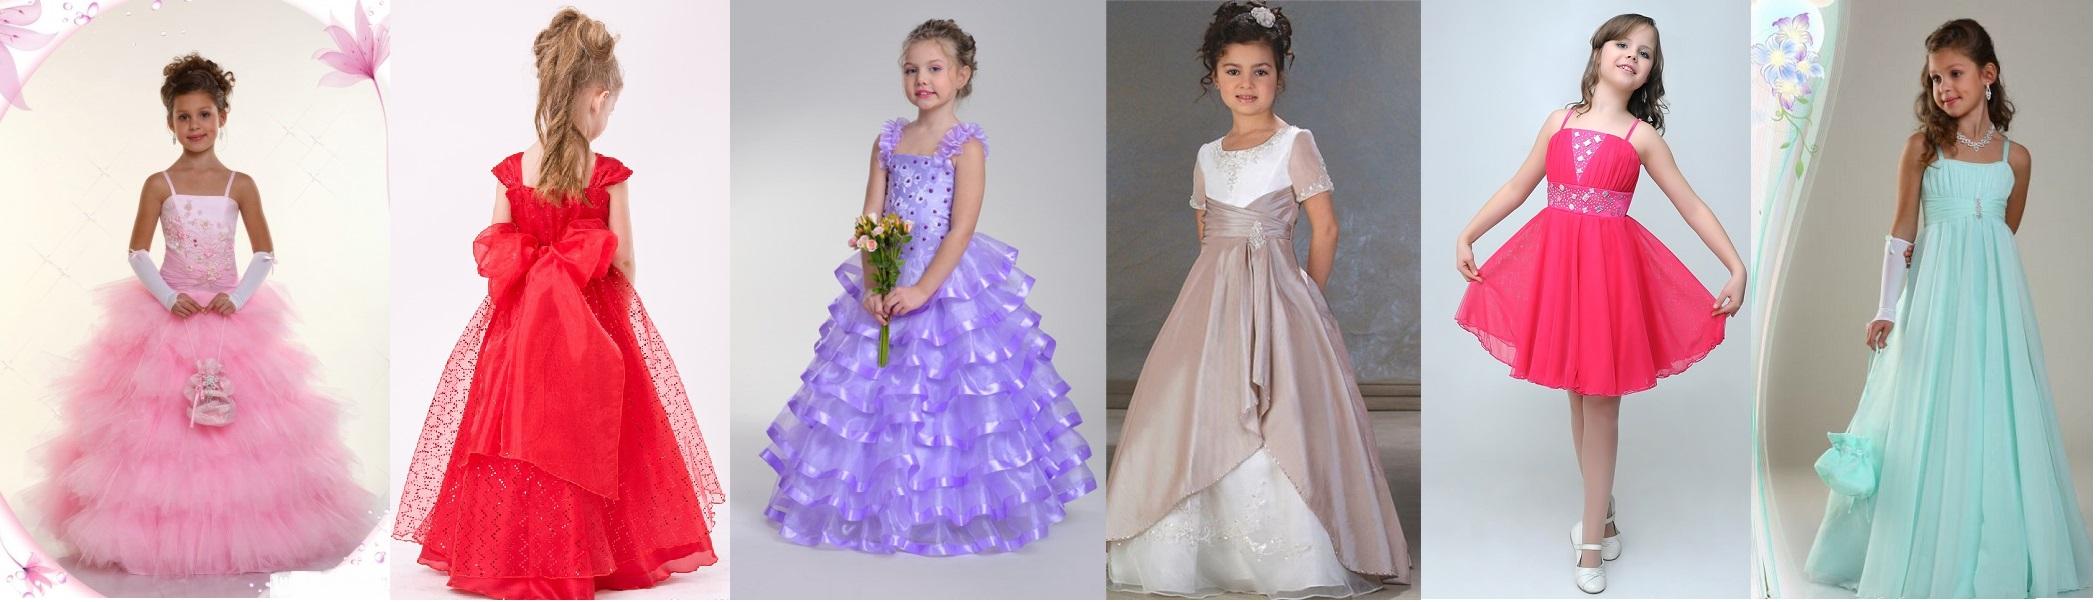 Сукні на випускний. Як вибрати і де купити сукню на випускний ... 7c94d3860946d